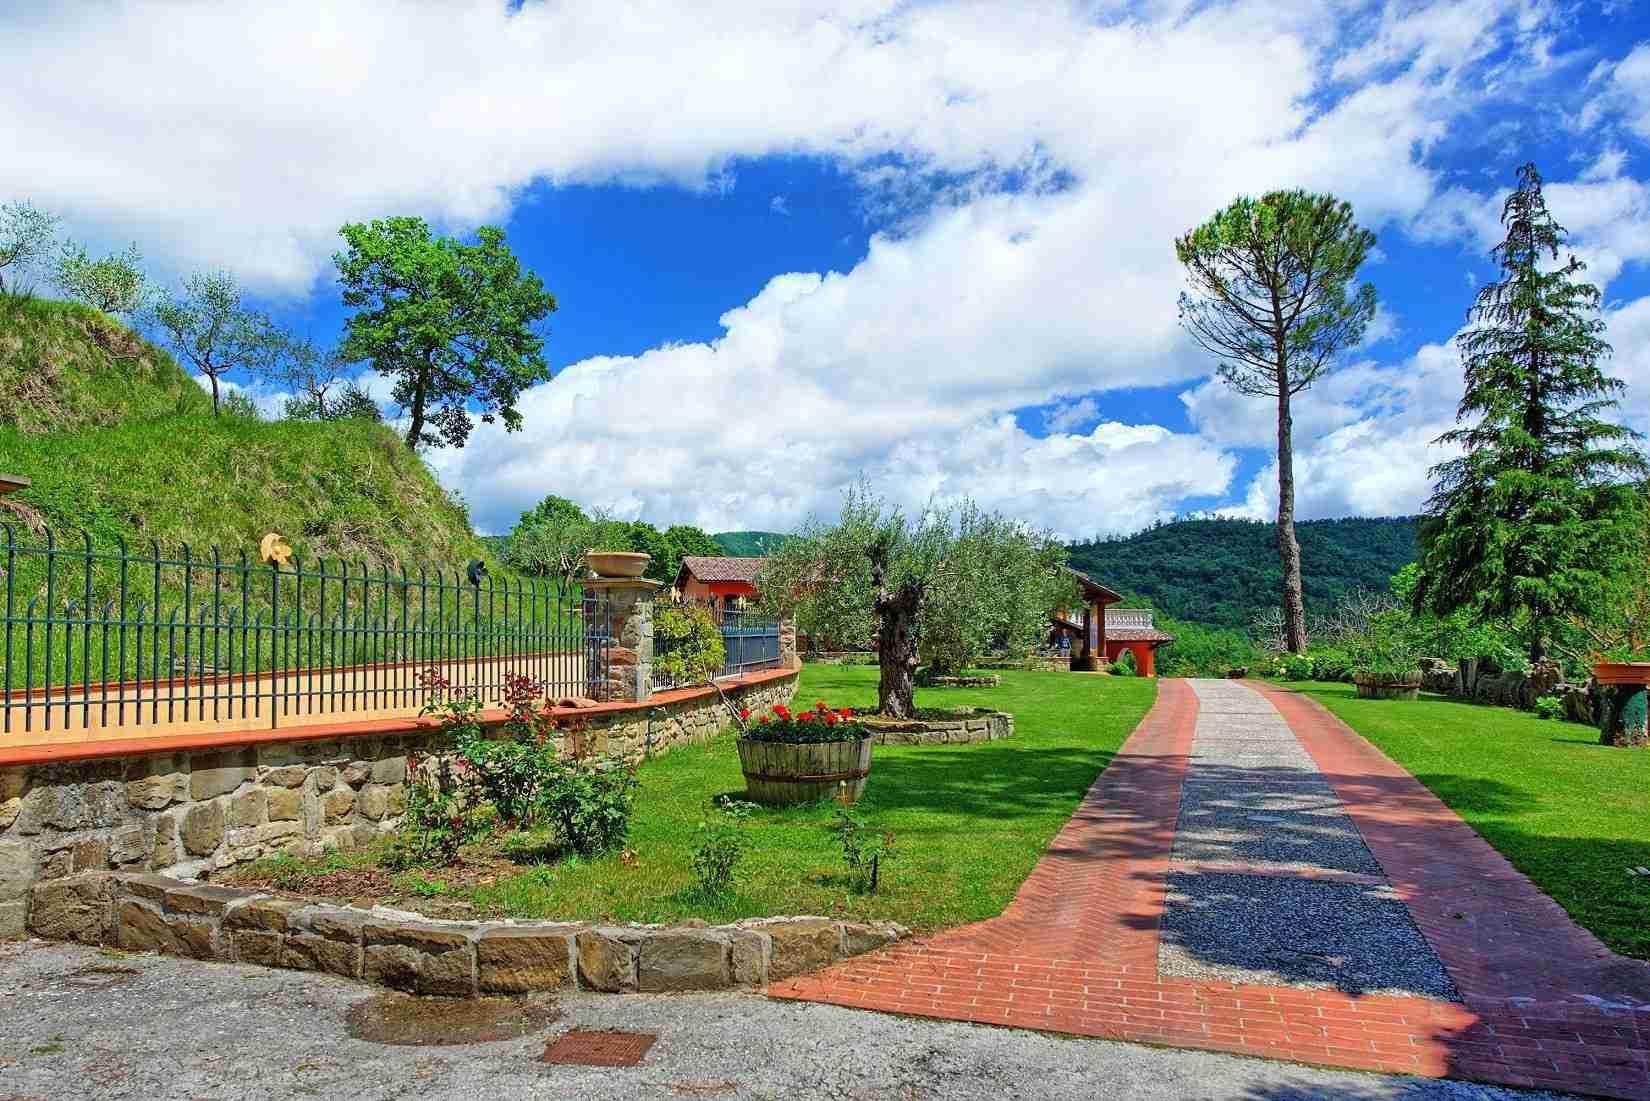 14 Etruria garden